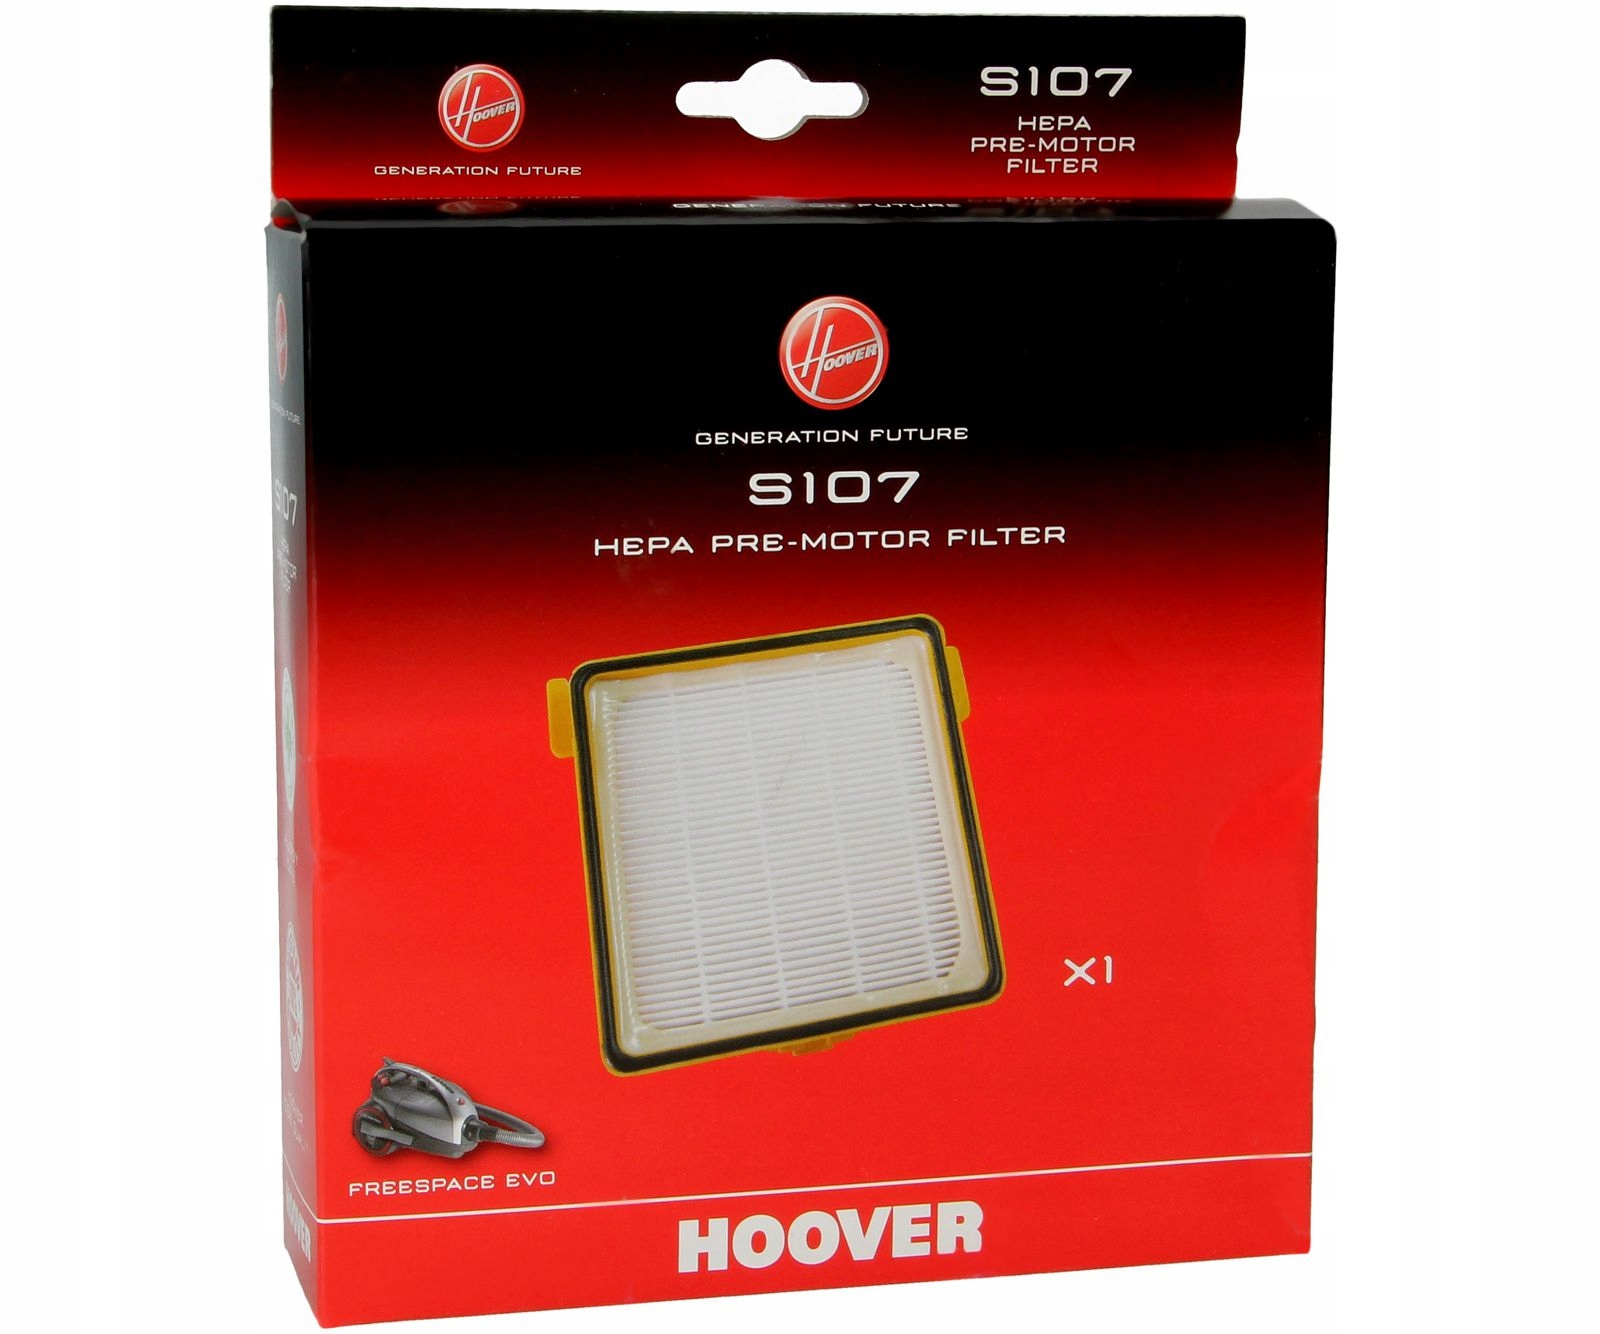 FILTER HOOVER S107 pre vysávač FREESPACE EVO